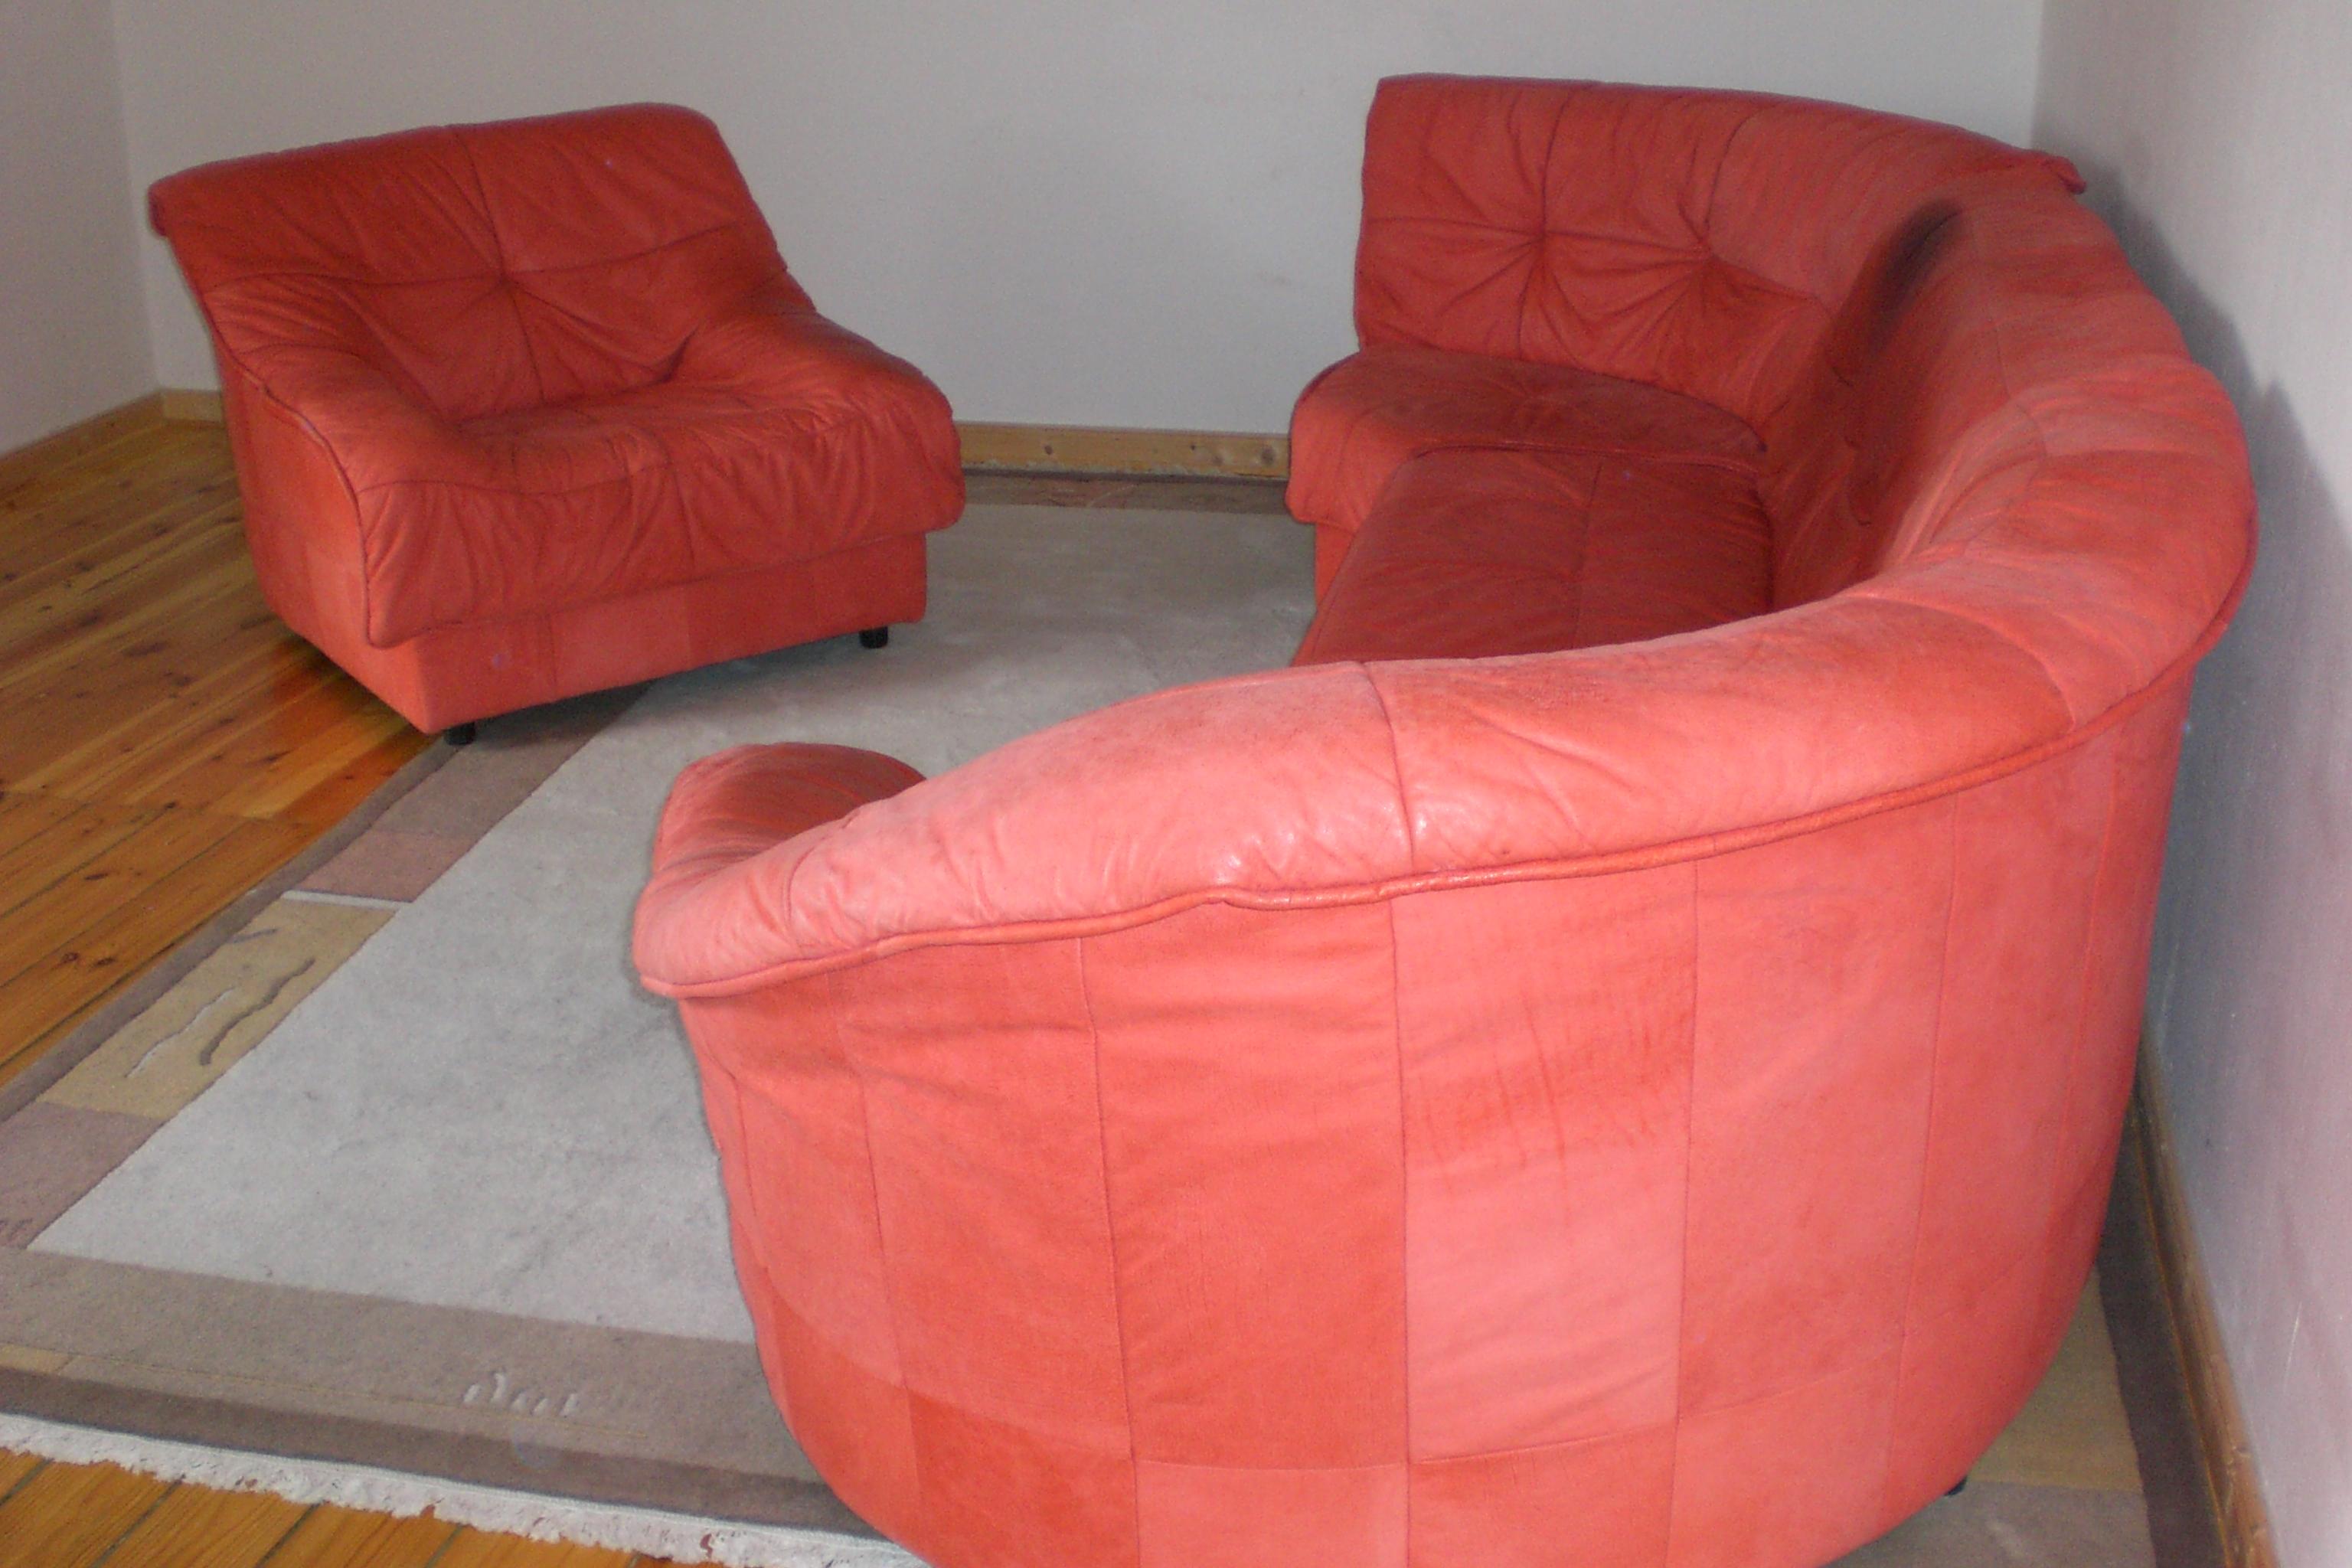 polster sessel couch kleinanzeigen seite 1. Black Bedroom Furniture Sets. Home Design Ideas